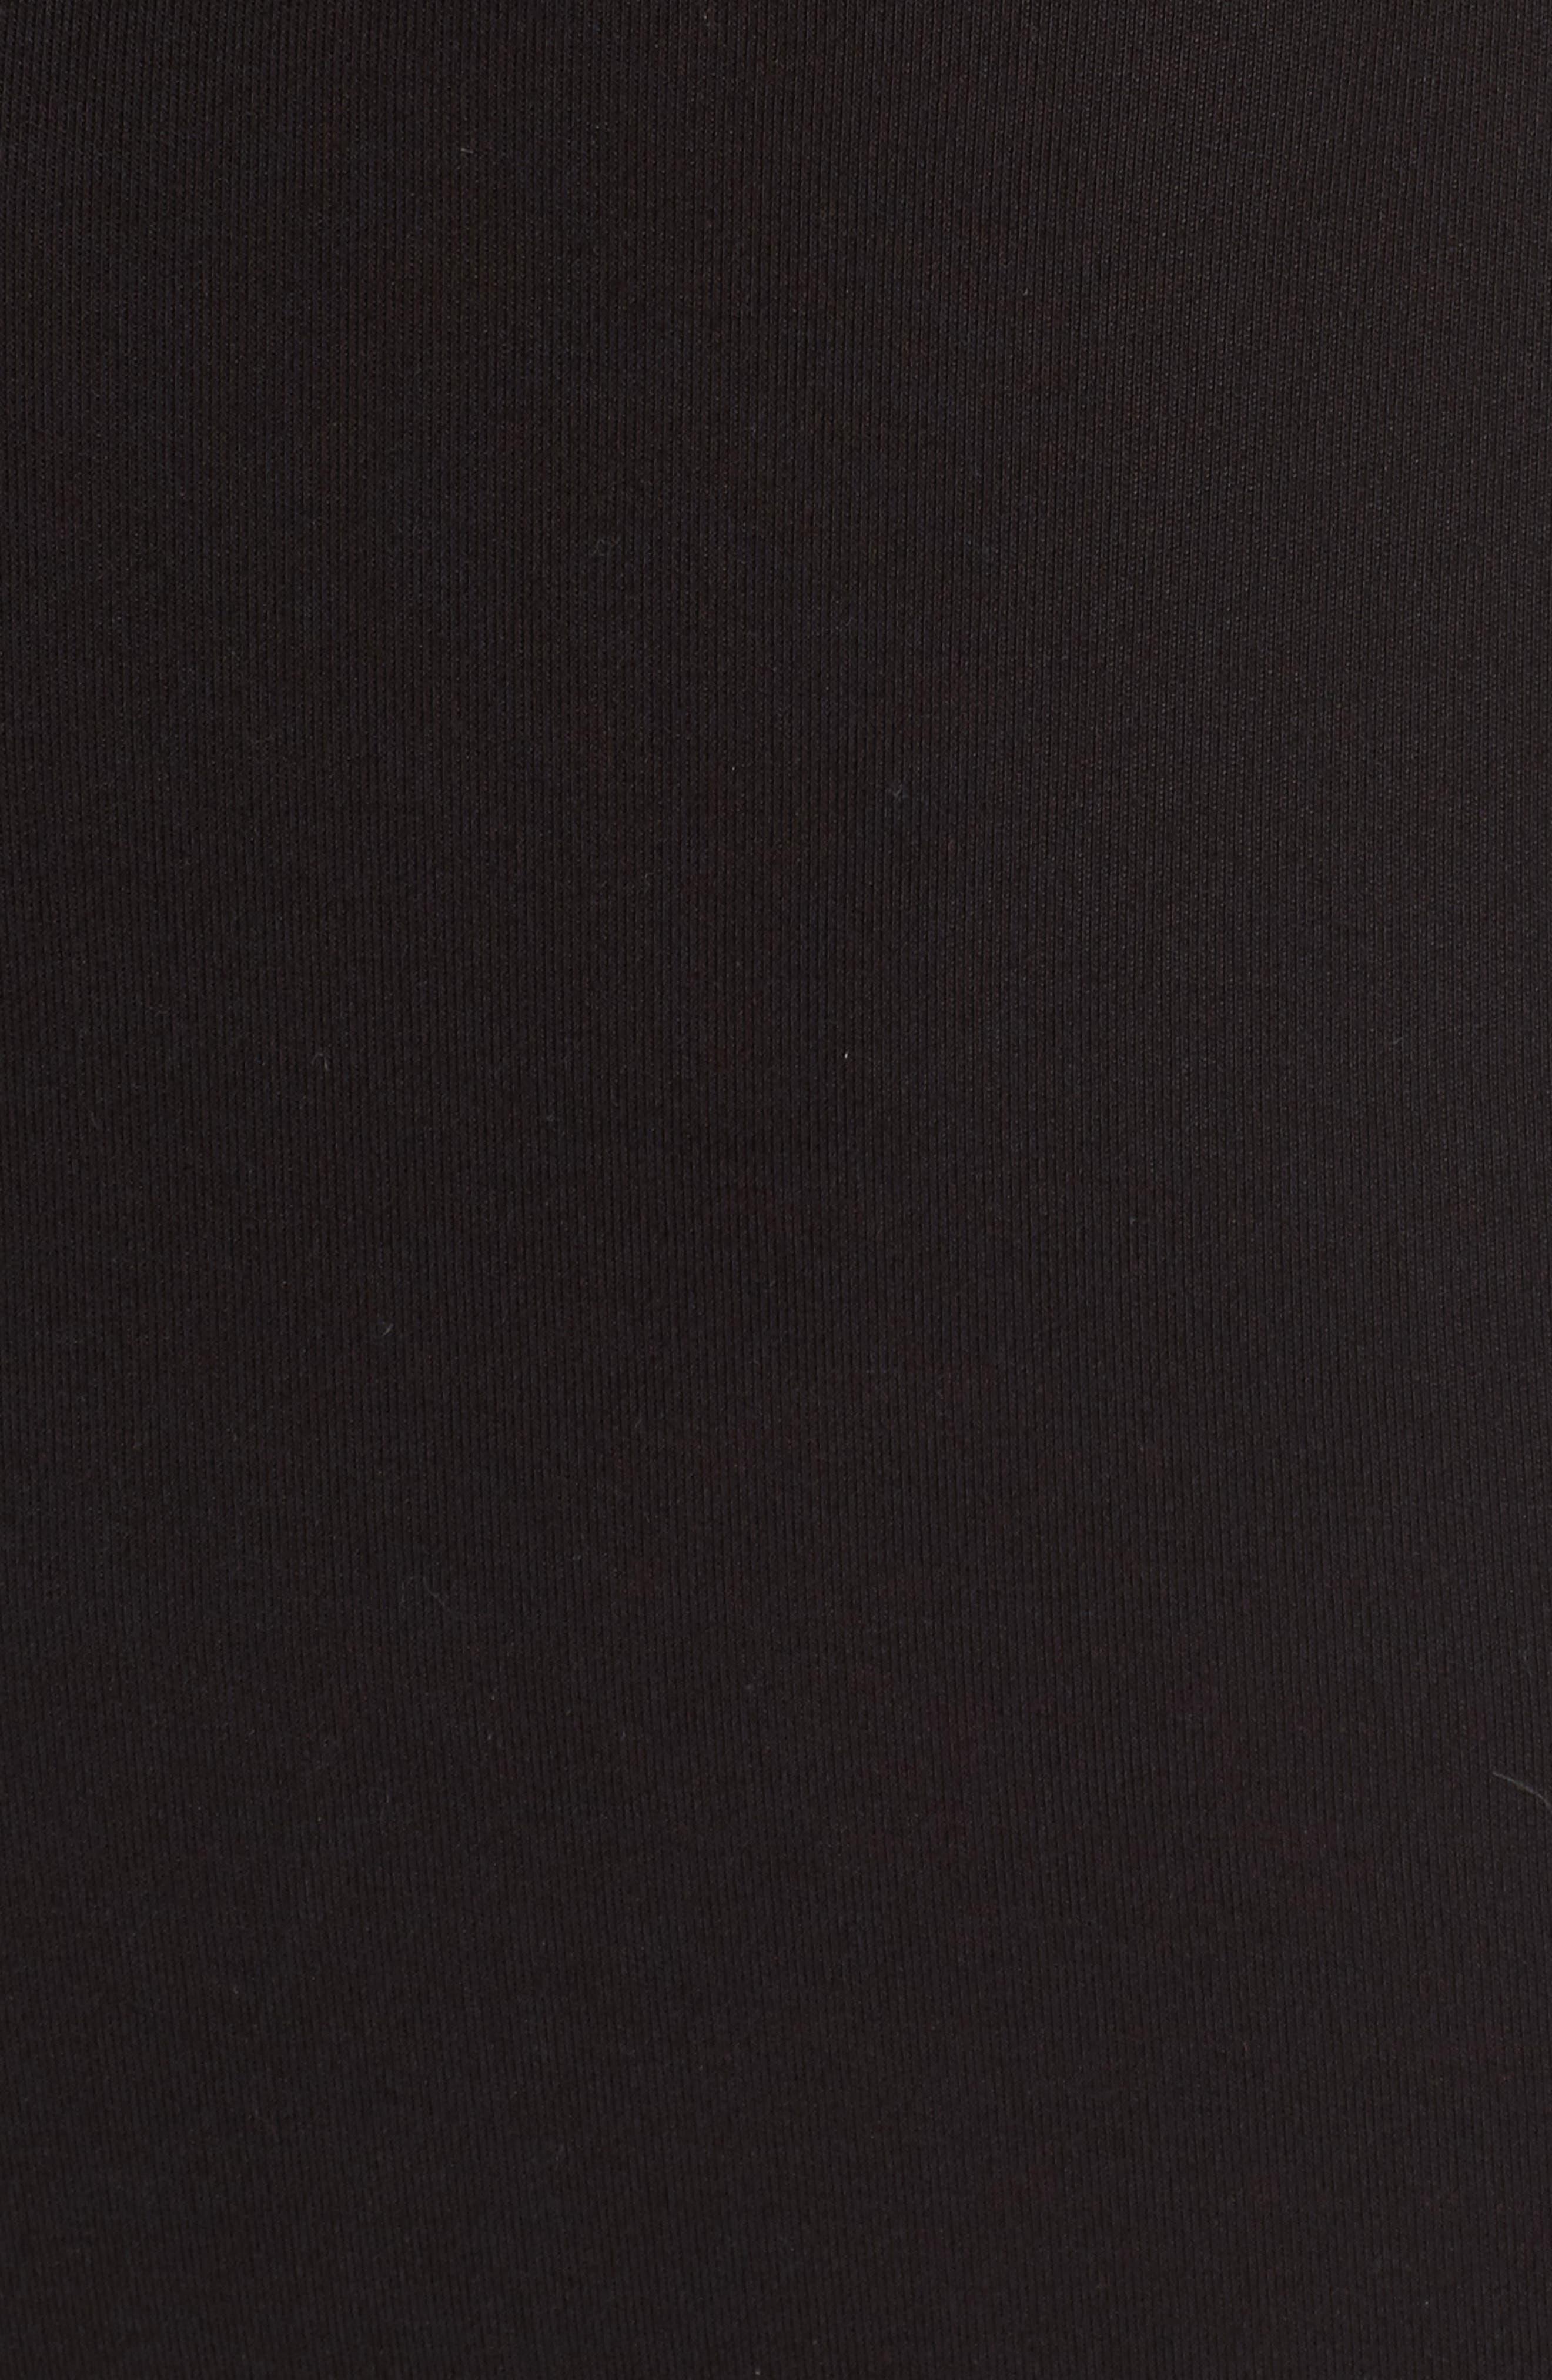 Knit Sheath Dress,                             Alternate thumbnail 5, color,                             001